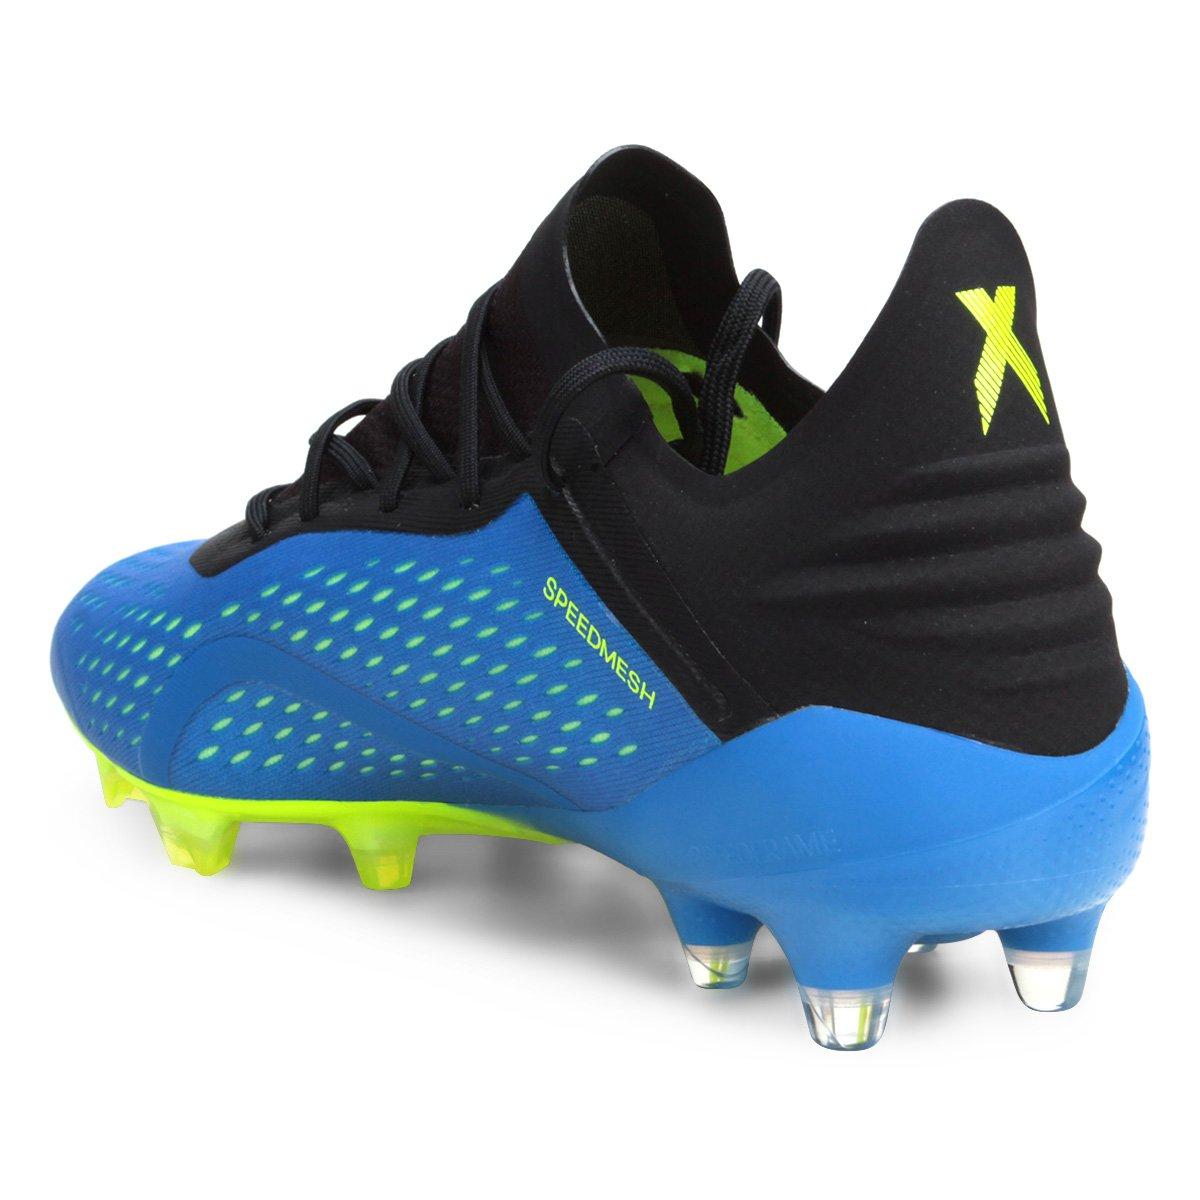 Chuteira Campo Adidas X 18 1 FG - Compre Agora  6507b3fbc97a3